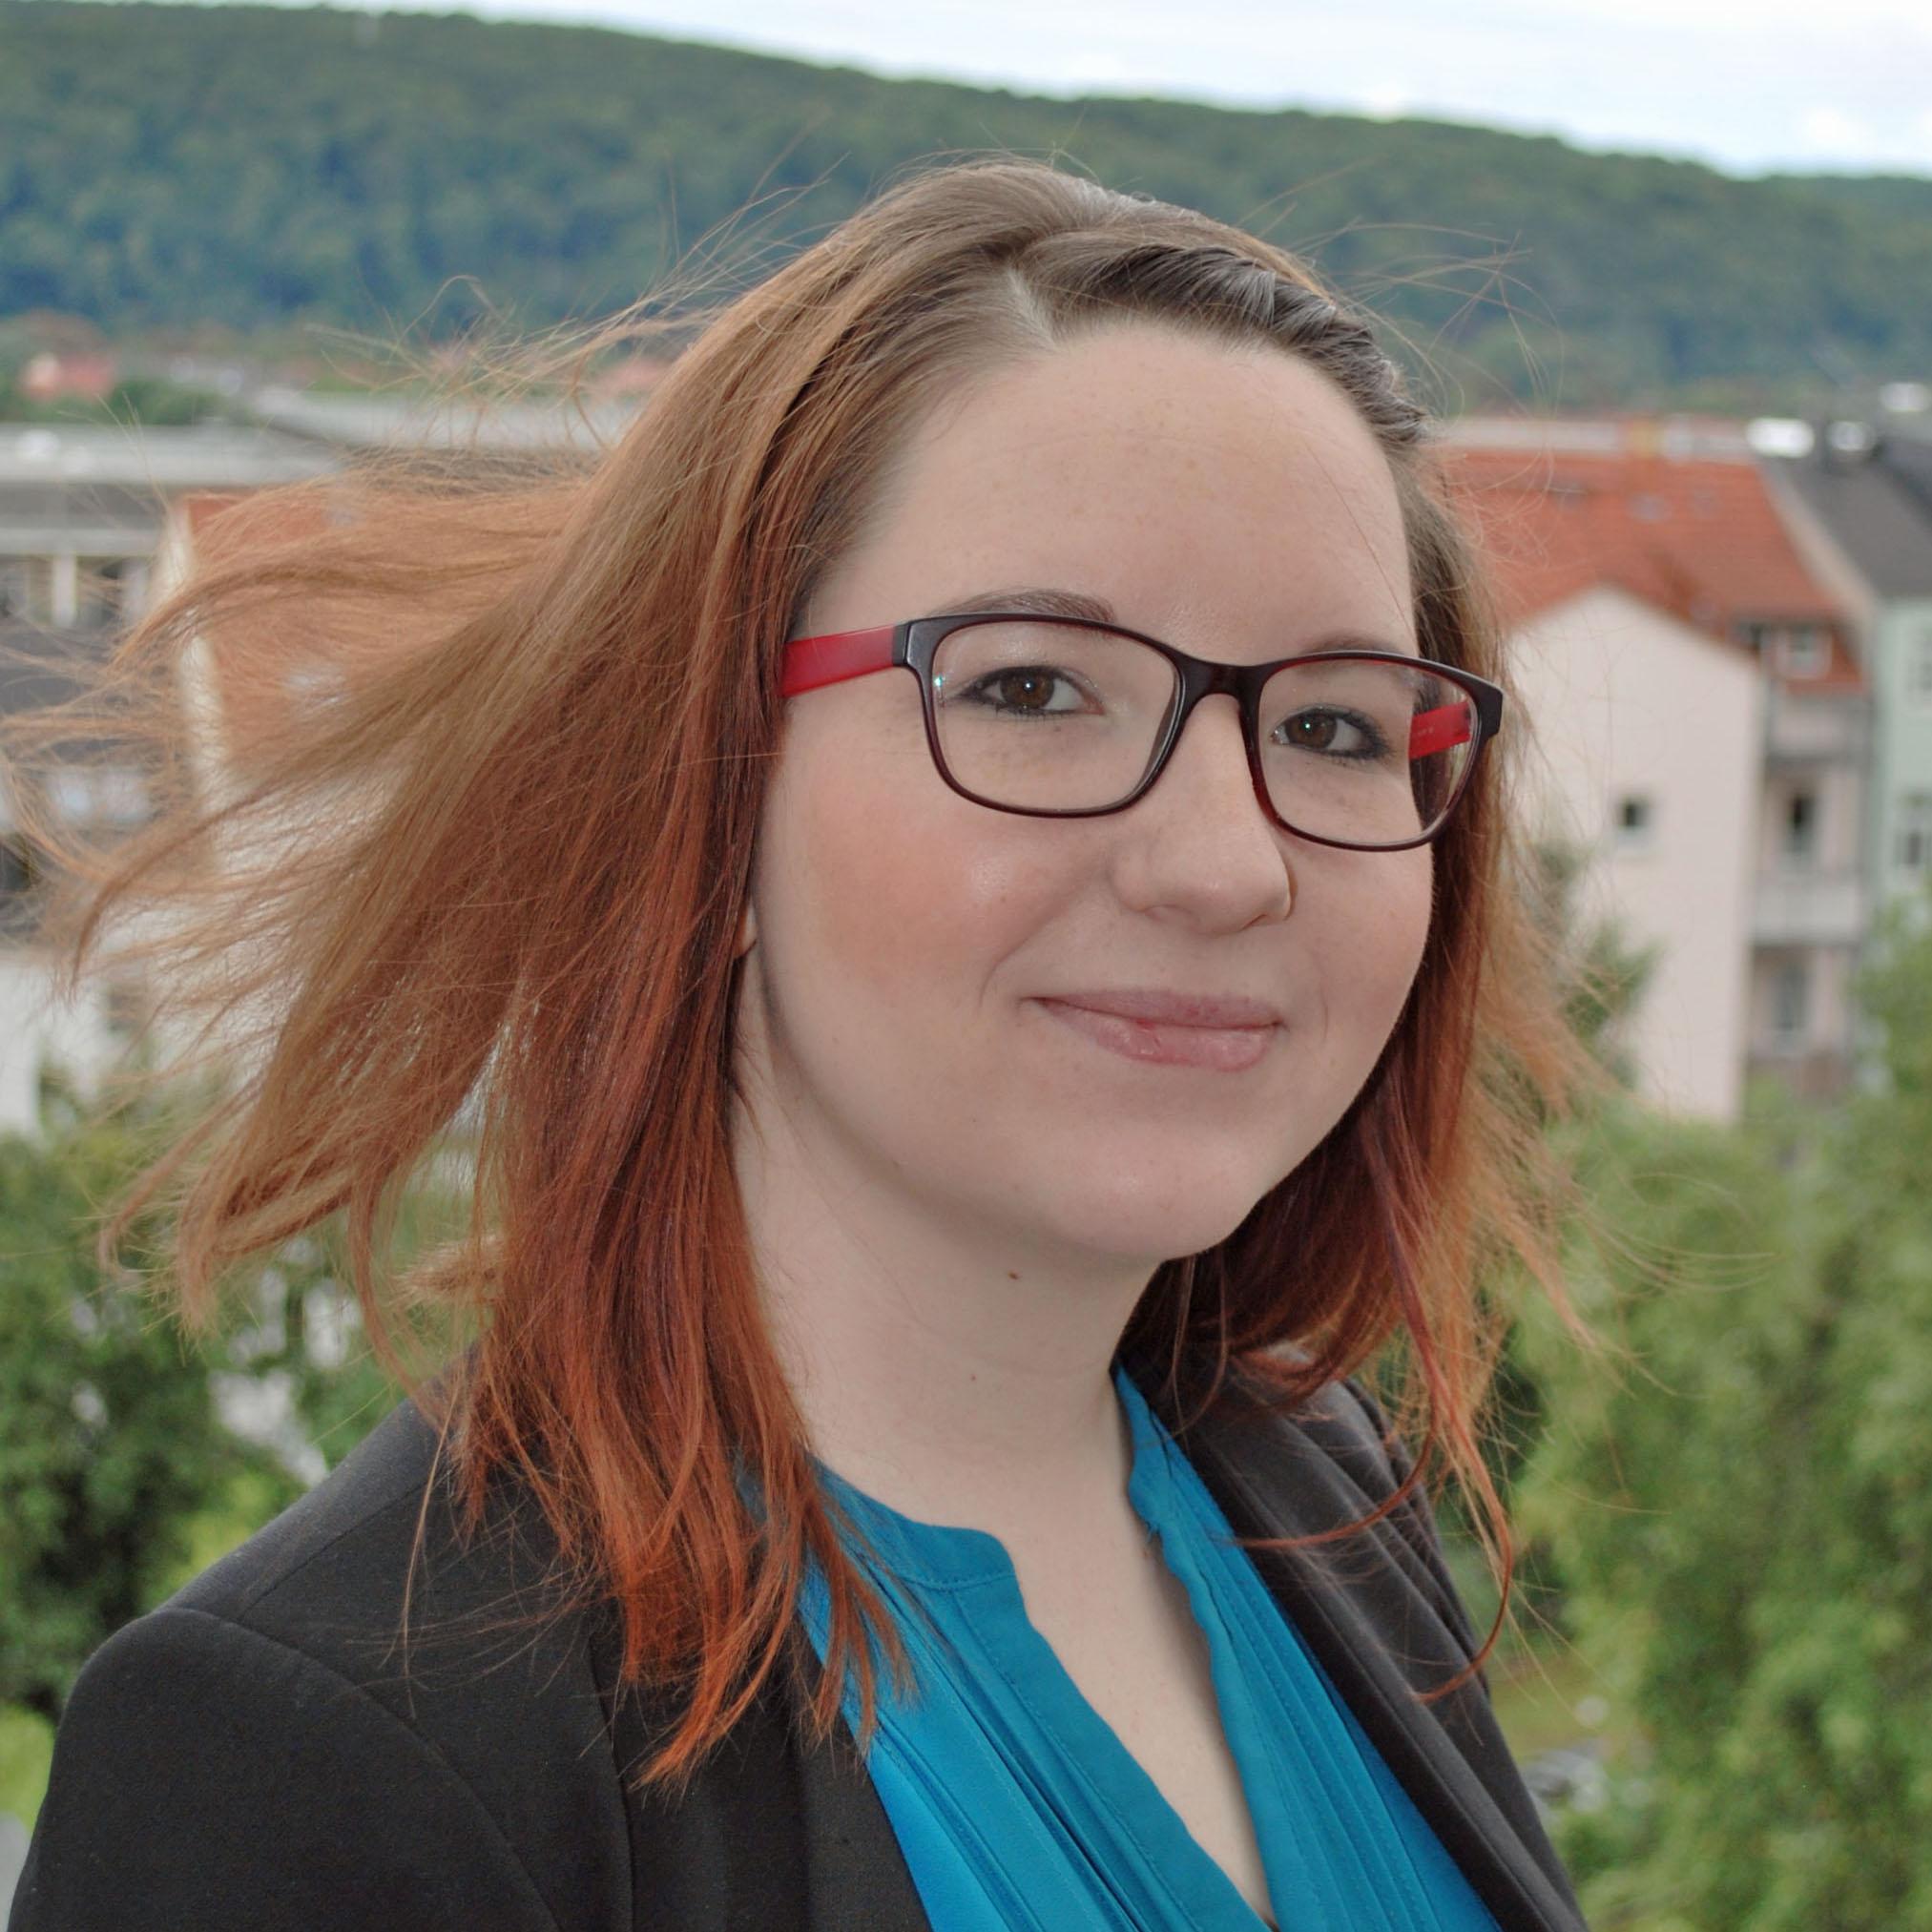 Sophie Reißig